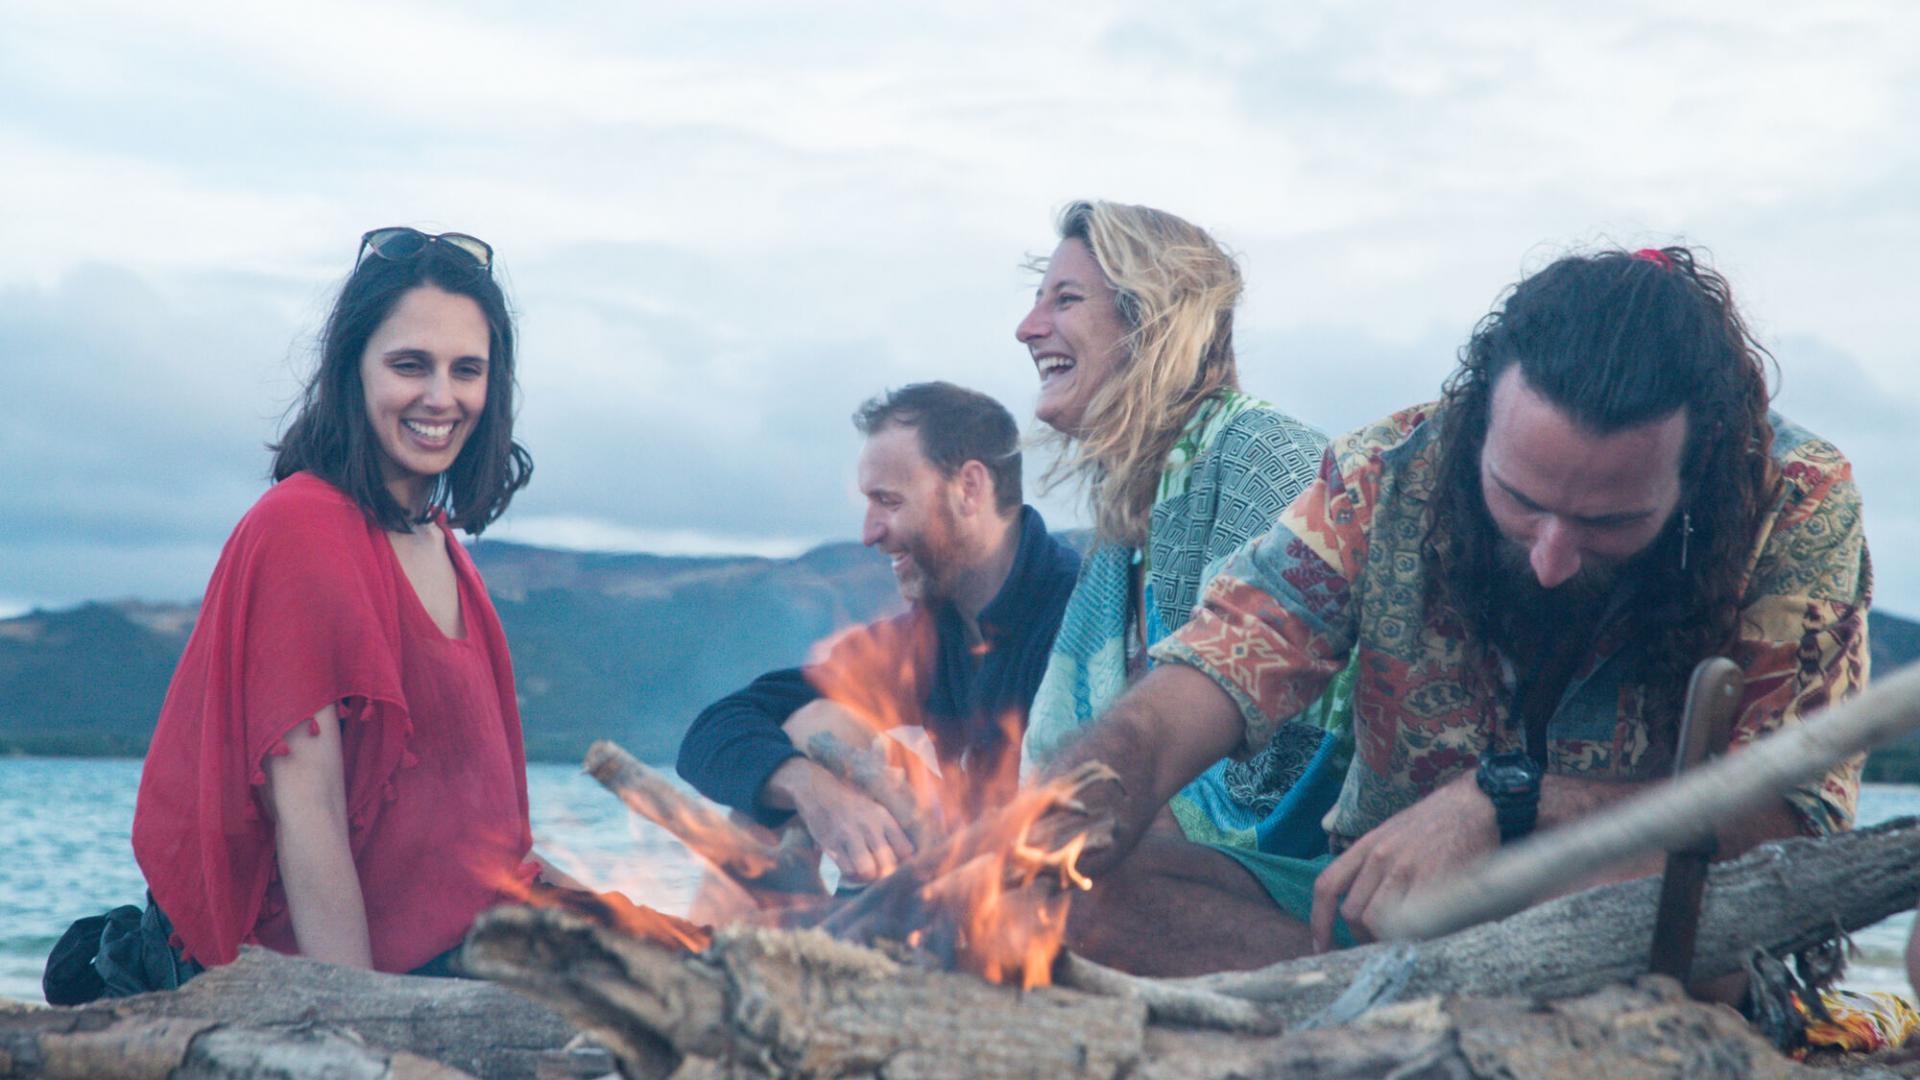 Camping sur la plage - Nouvelle-Calédonie